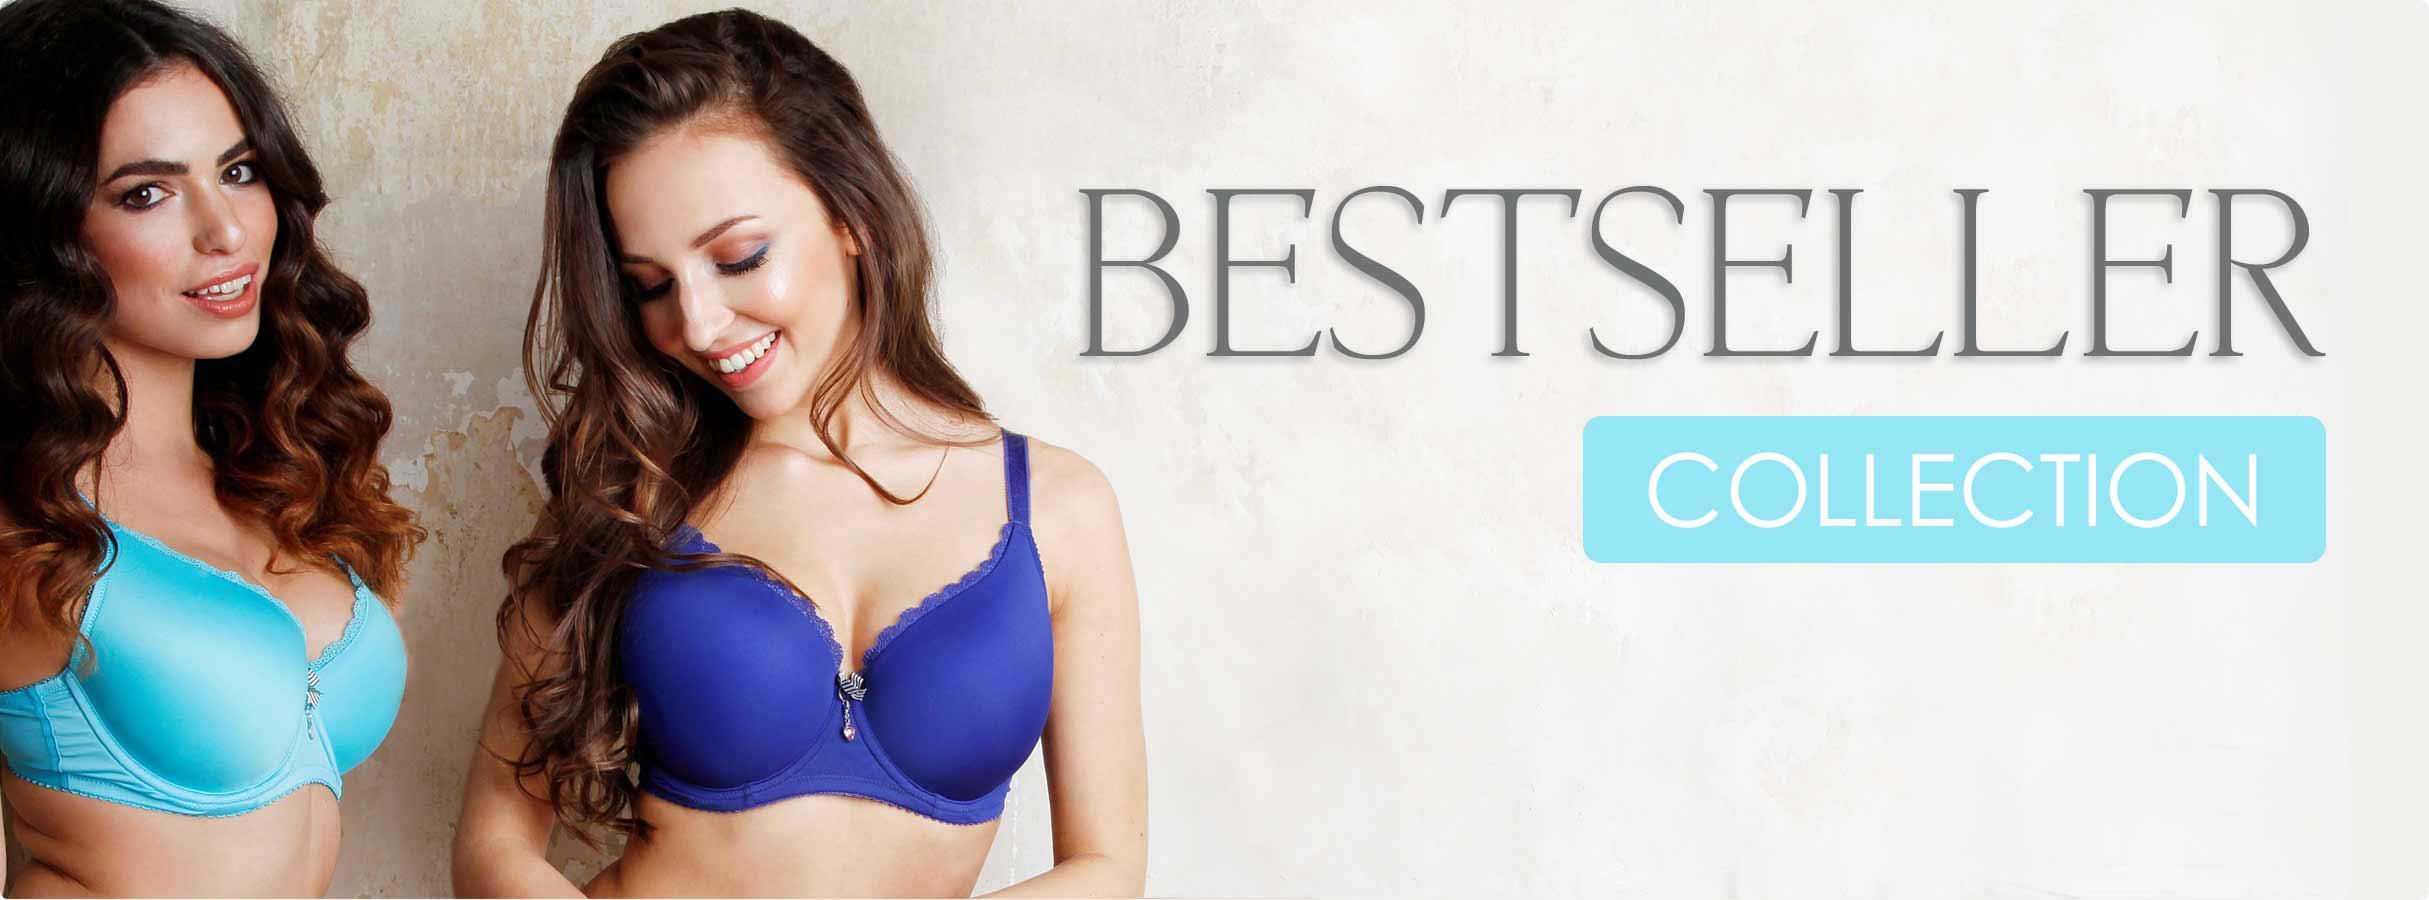 Bestselling SugarShape lingerie